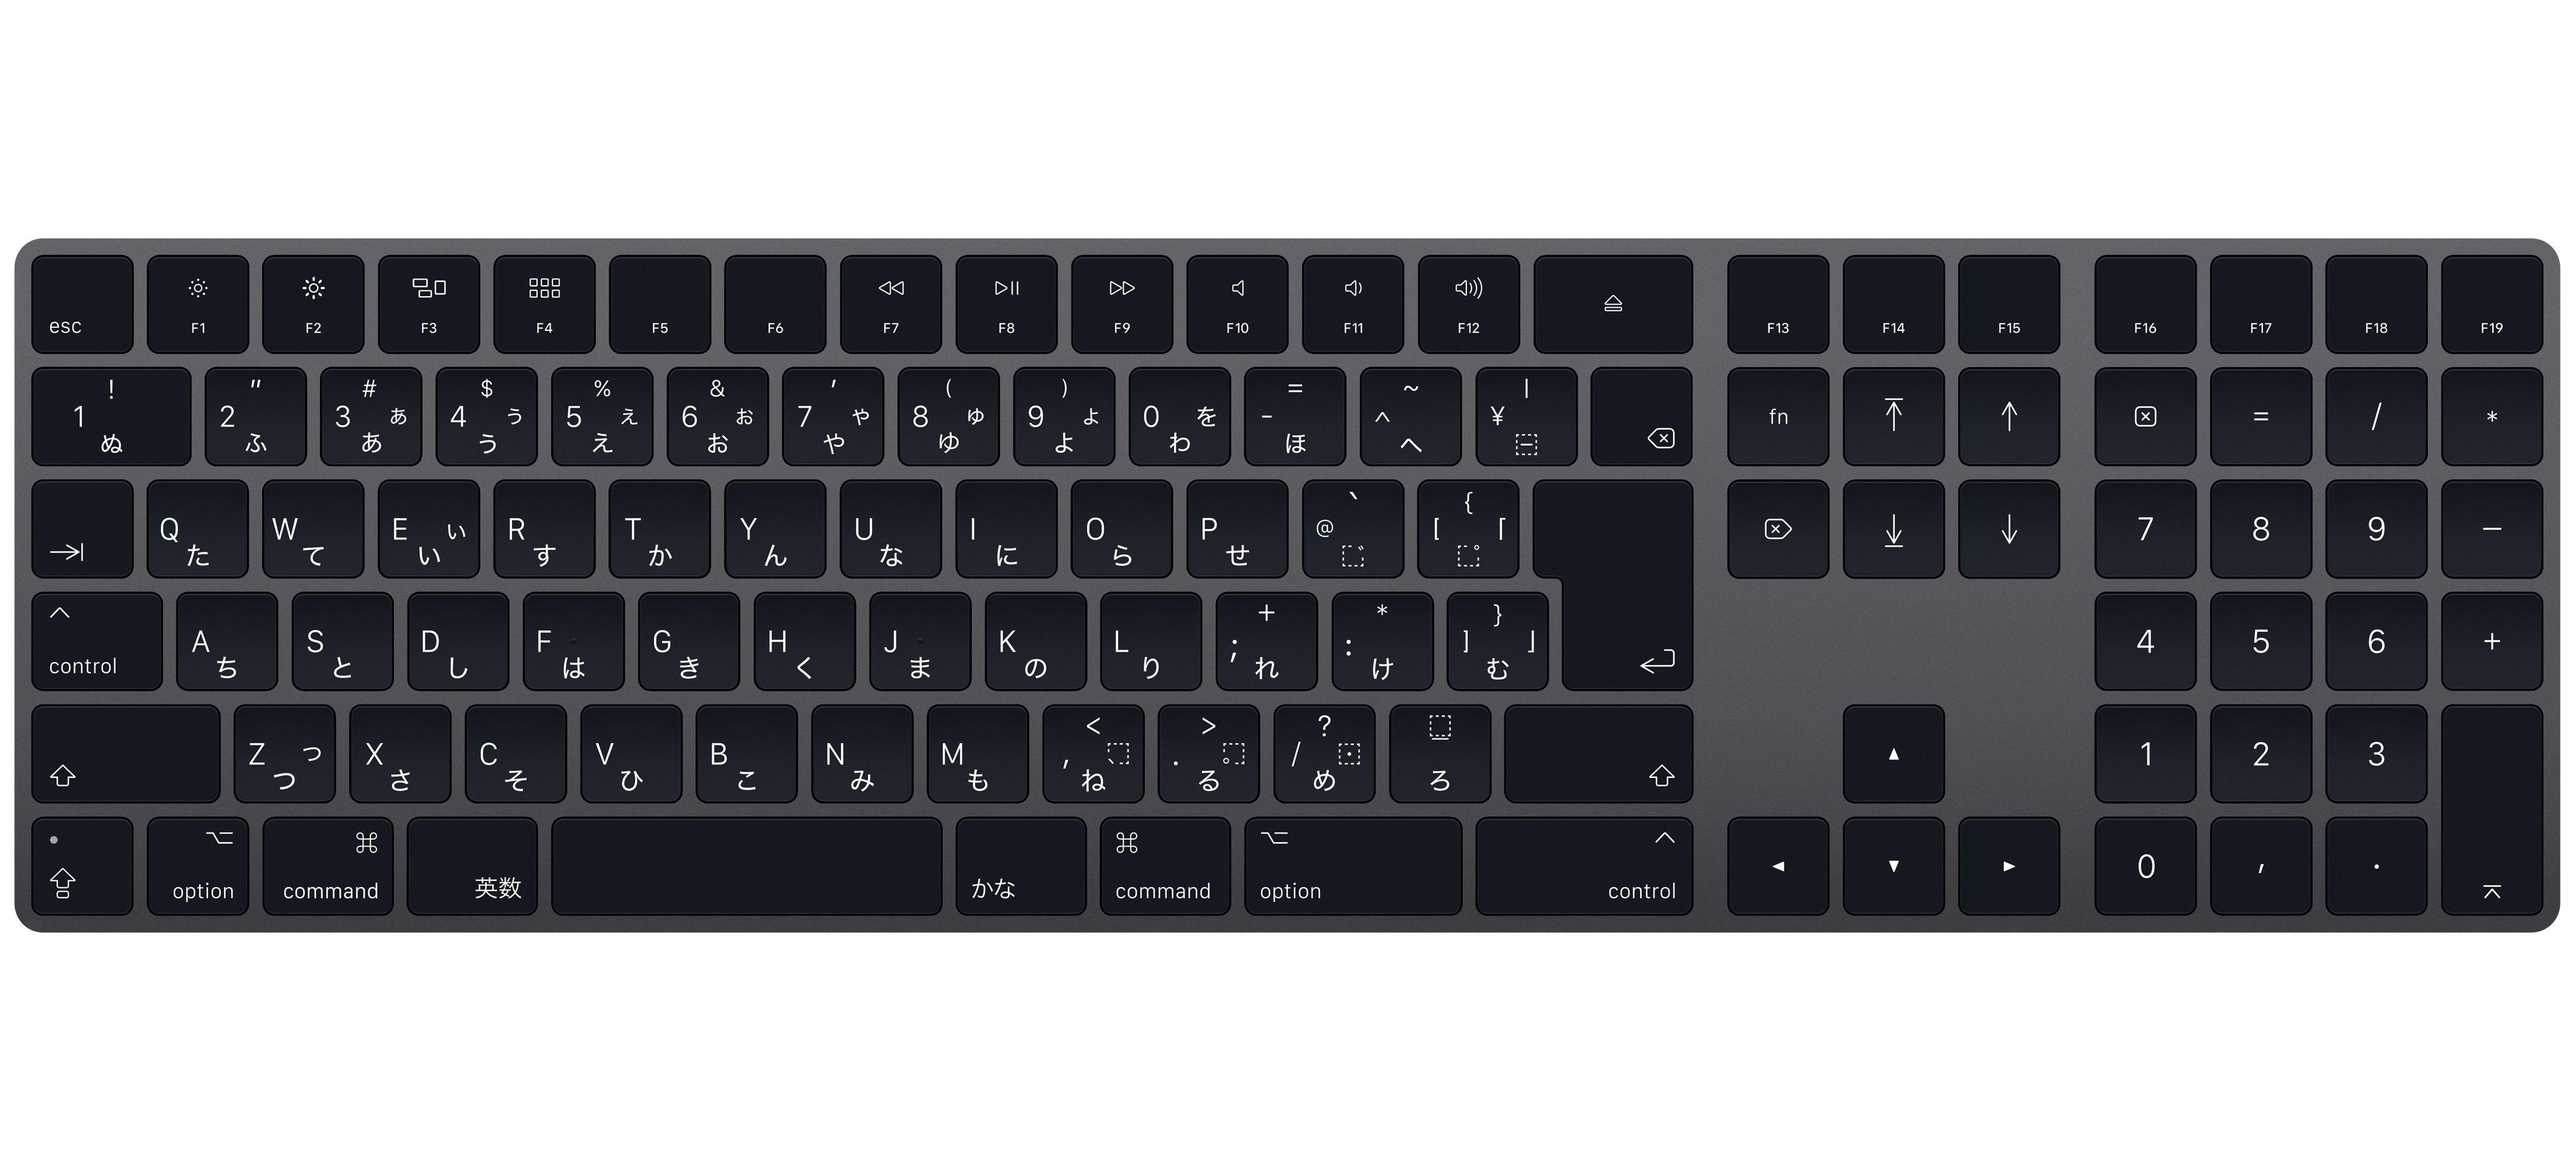 Magic keyboardテンキー付き 日本語jis スペースグレイ 14800 稞別